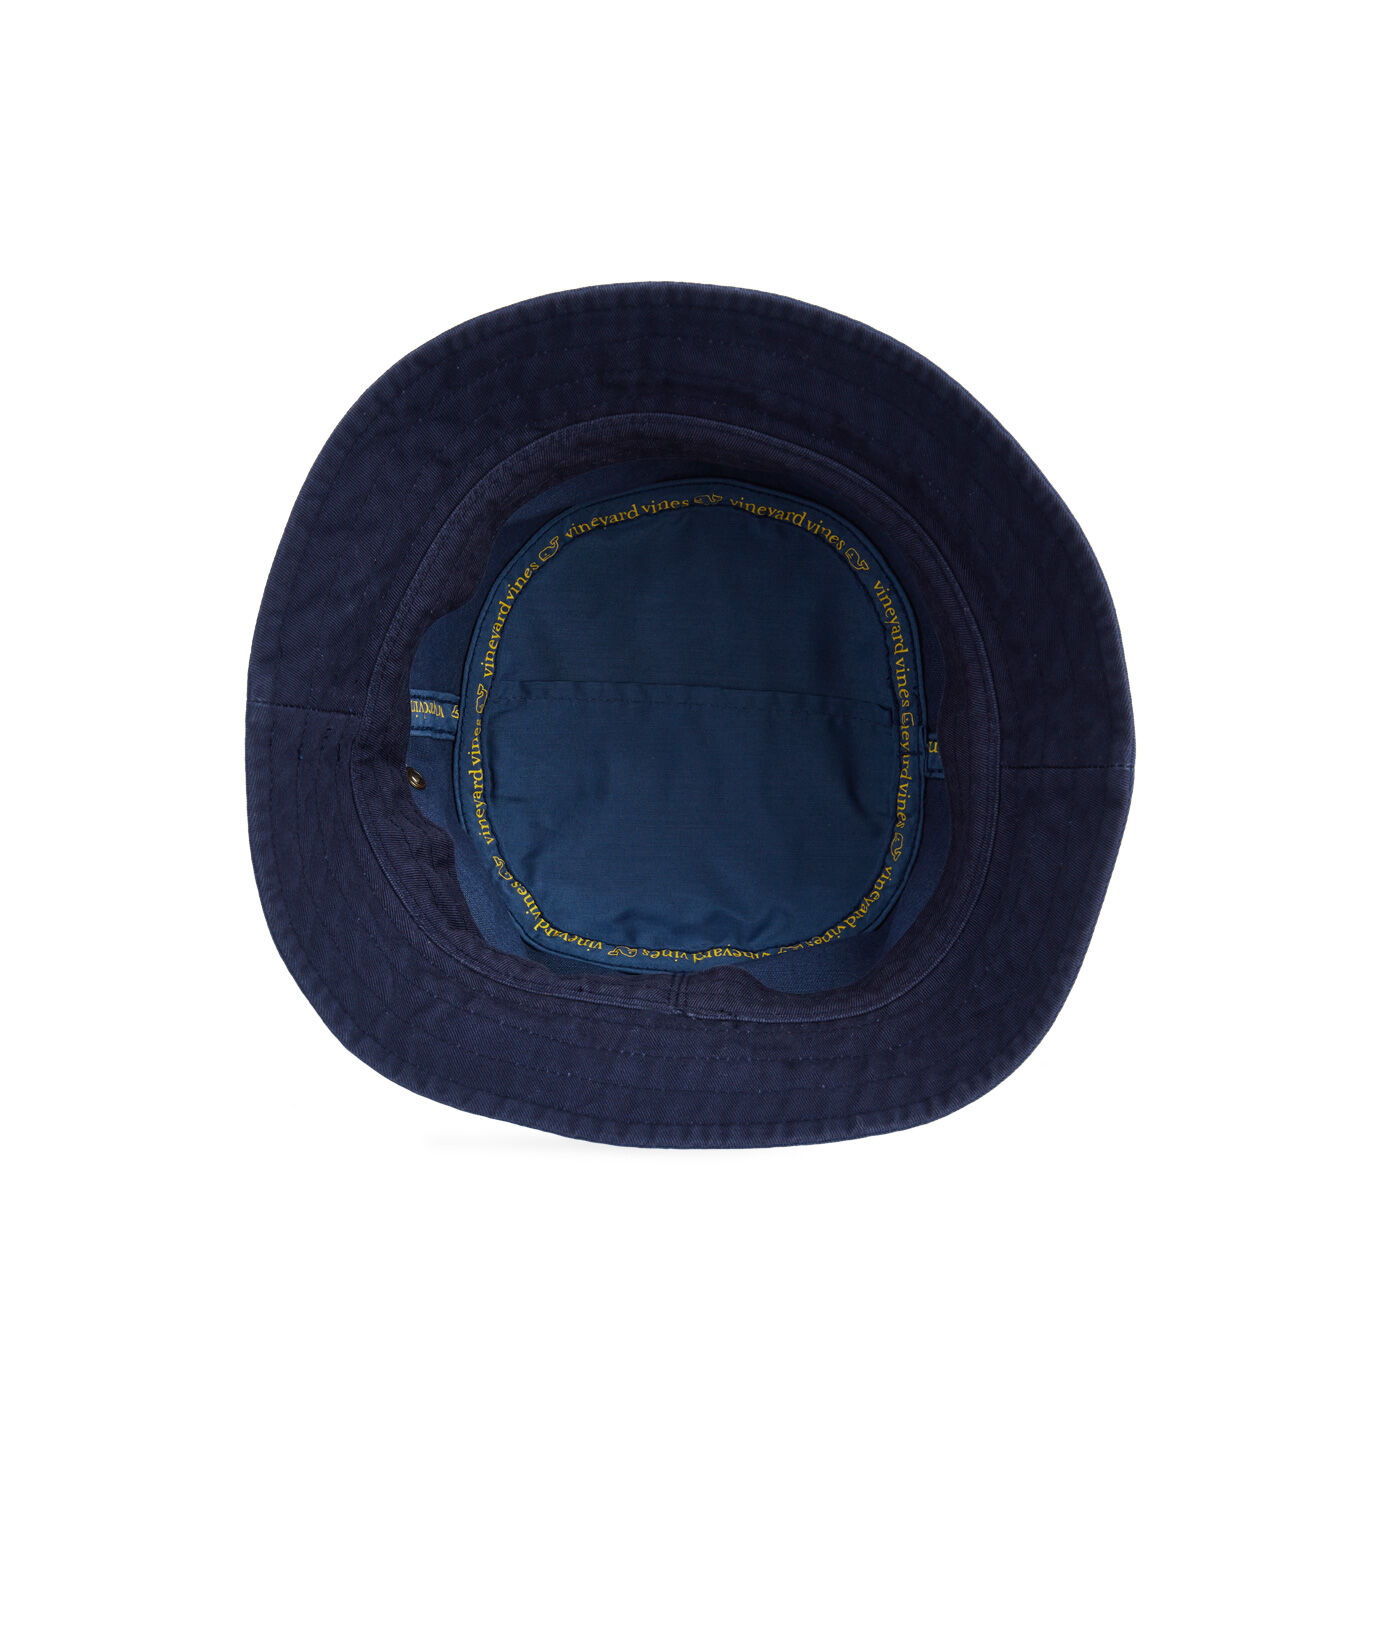 7b4d0a407a2b1 ... sale shop bucket hat at vineyard vines e9875 3f3ea